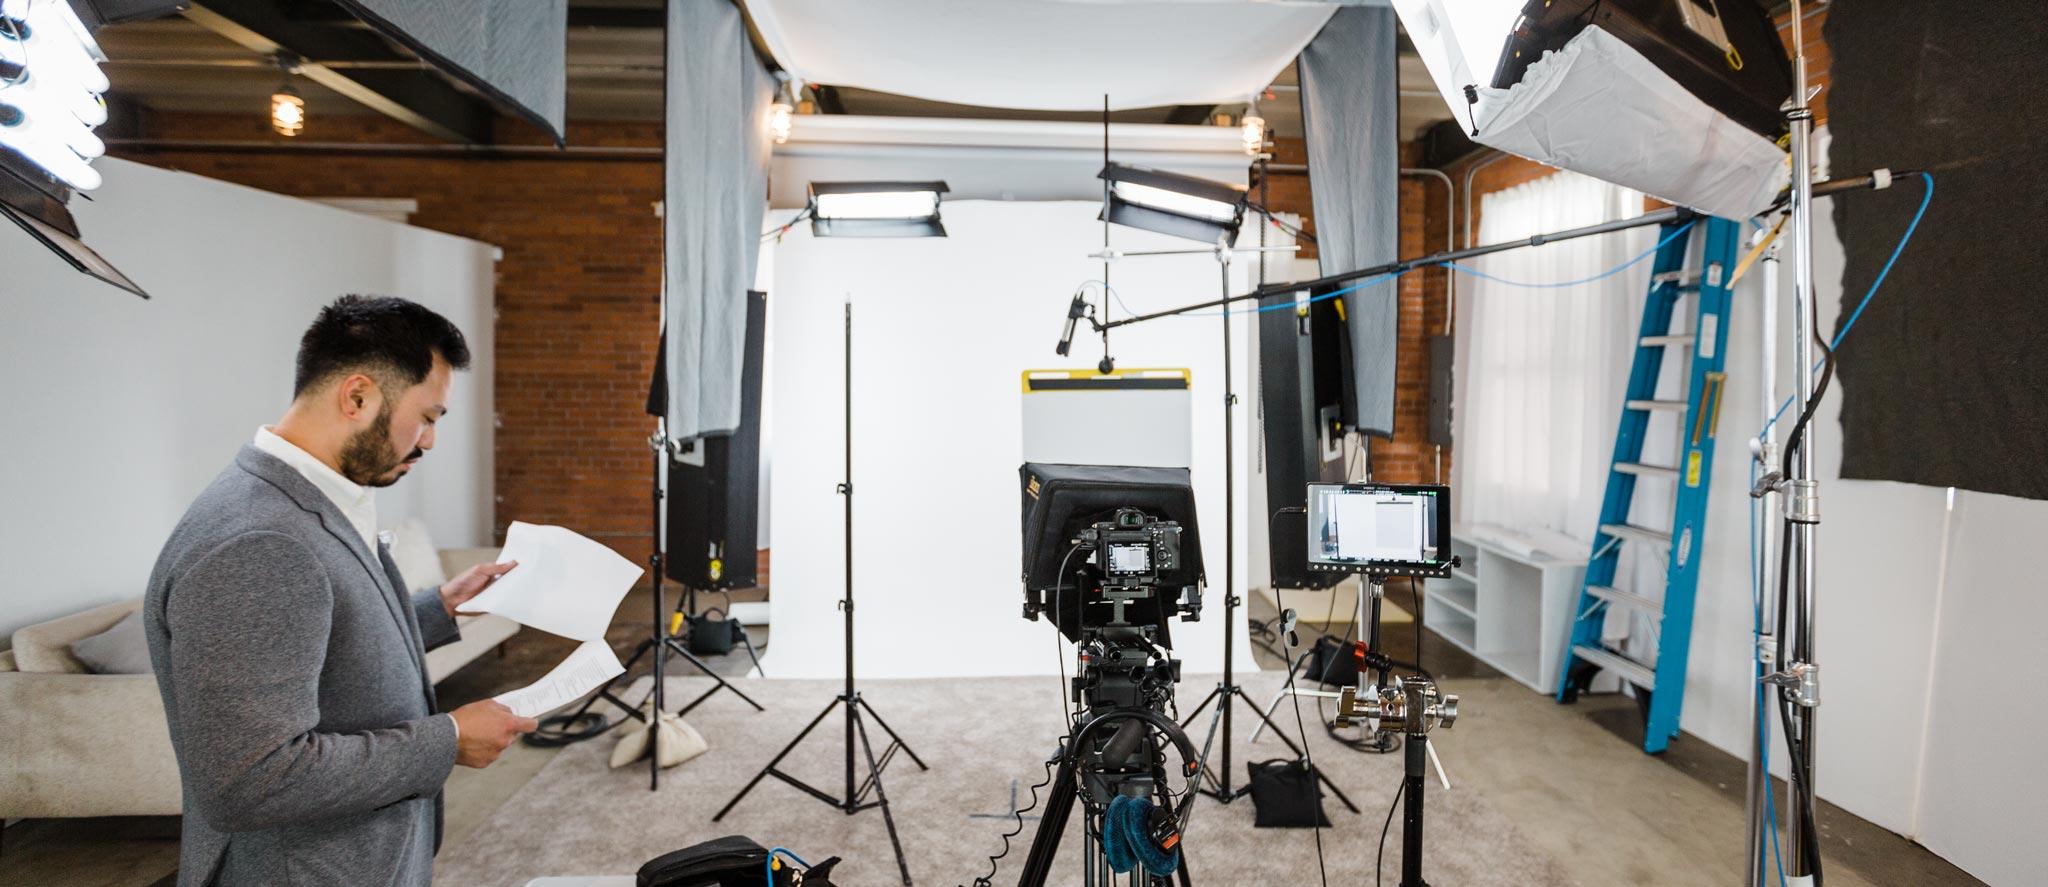 Des Moines, Iowa video production studio